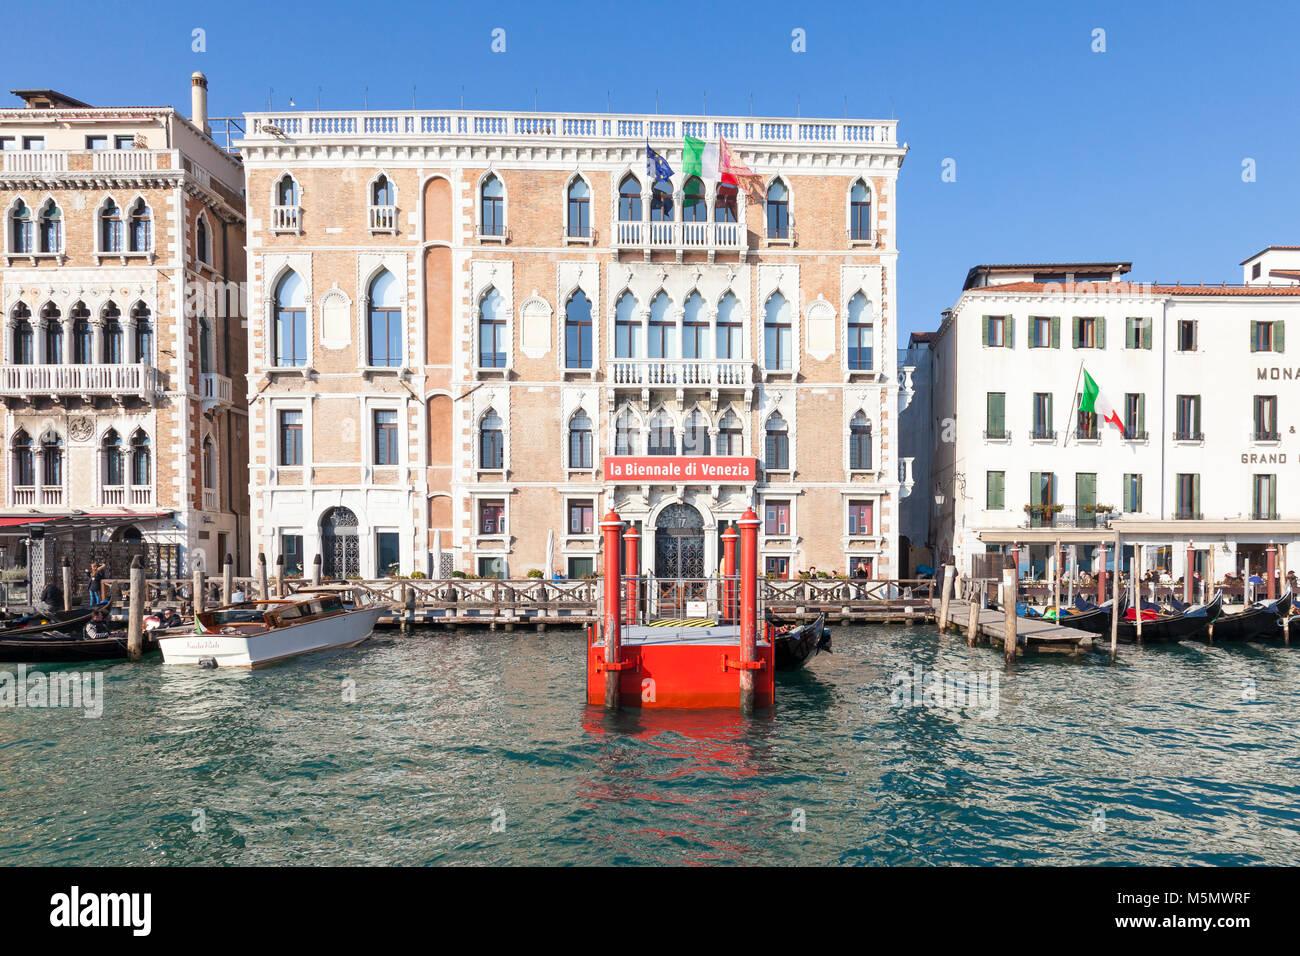 Ca Giustinian, the headquarters of La Biennale di Venezia, Grand Canal, San Marco, Venice,  Veneto, Italy which - Stock Image